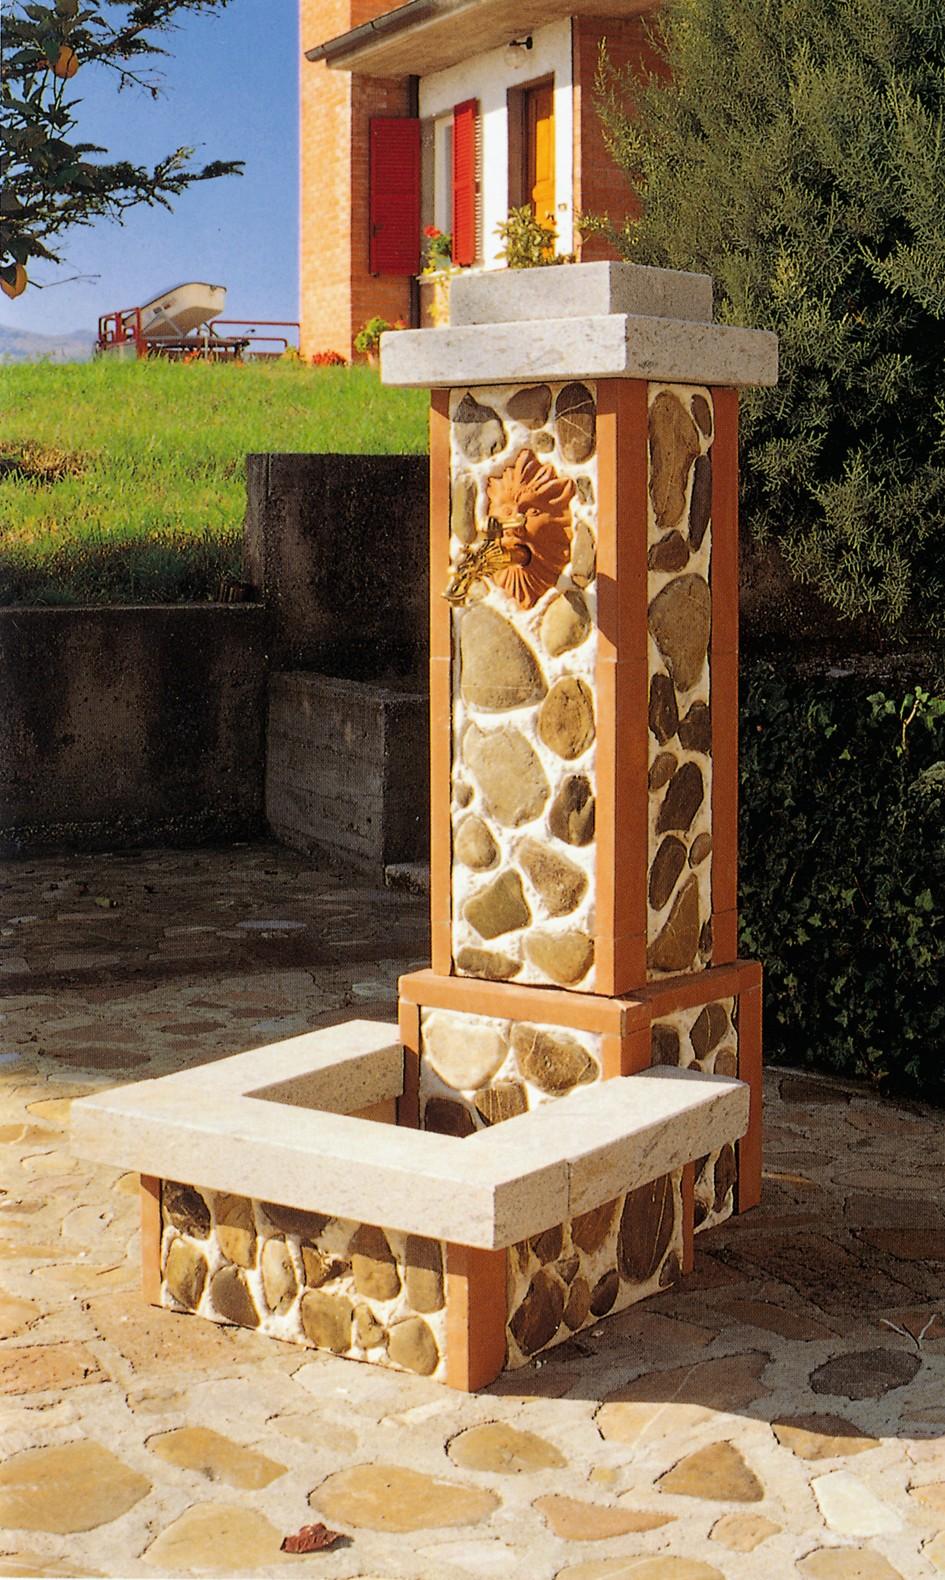 Fontane da giardino pietra leccese : Voffca decorazione giardino da fontane